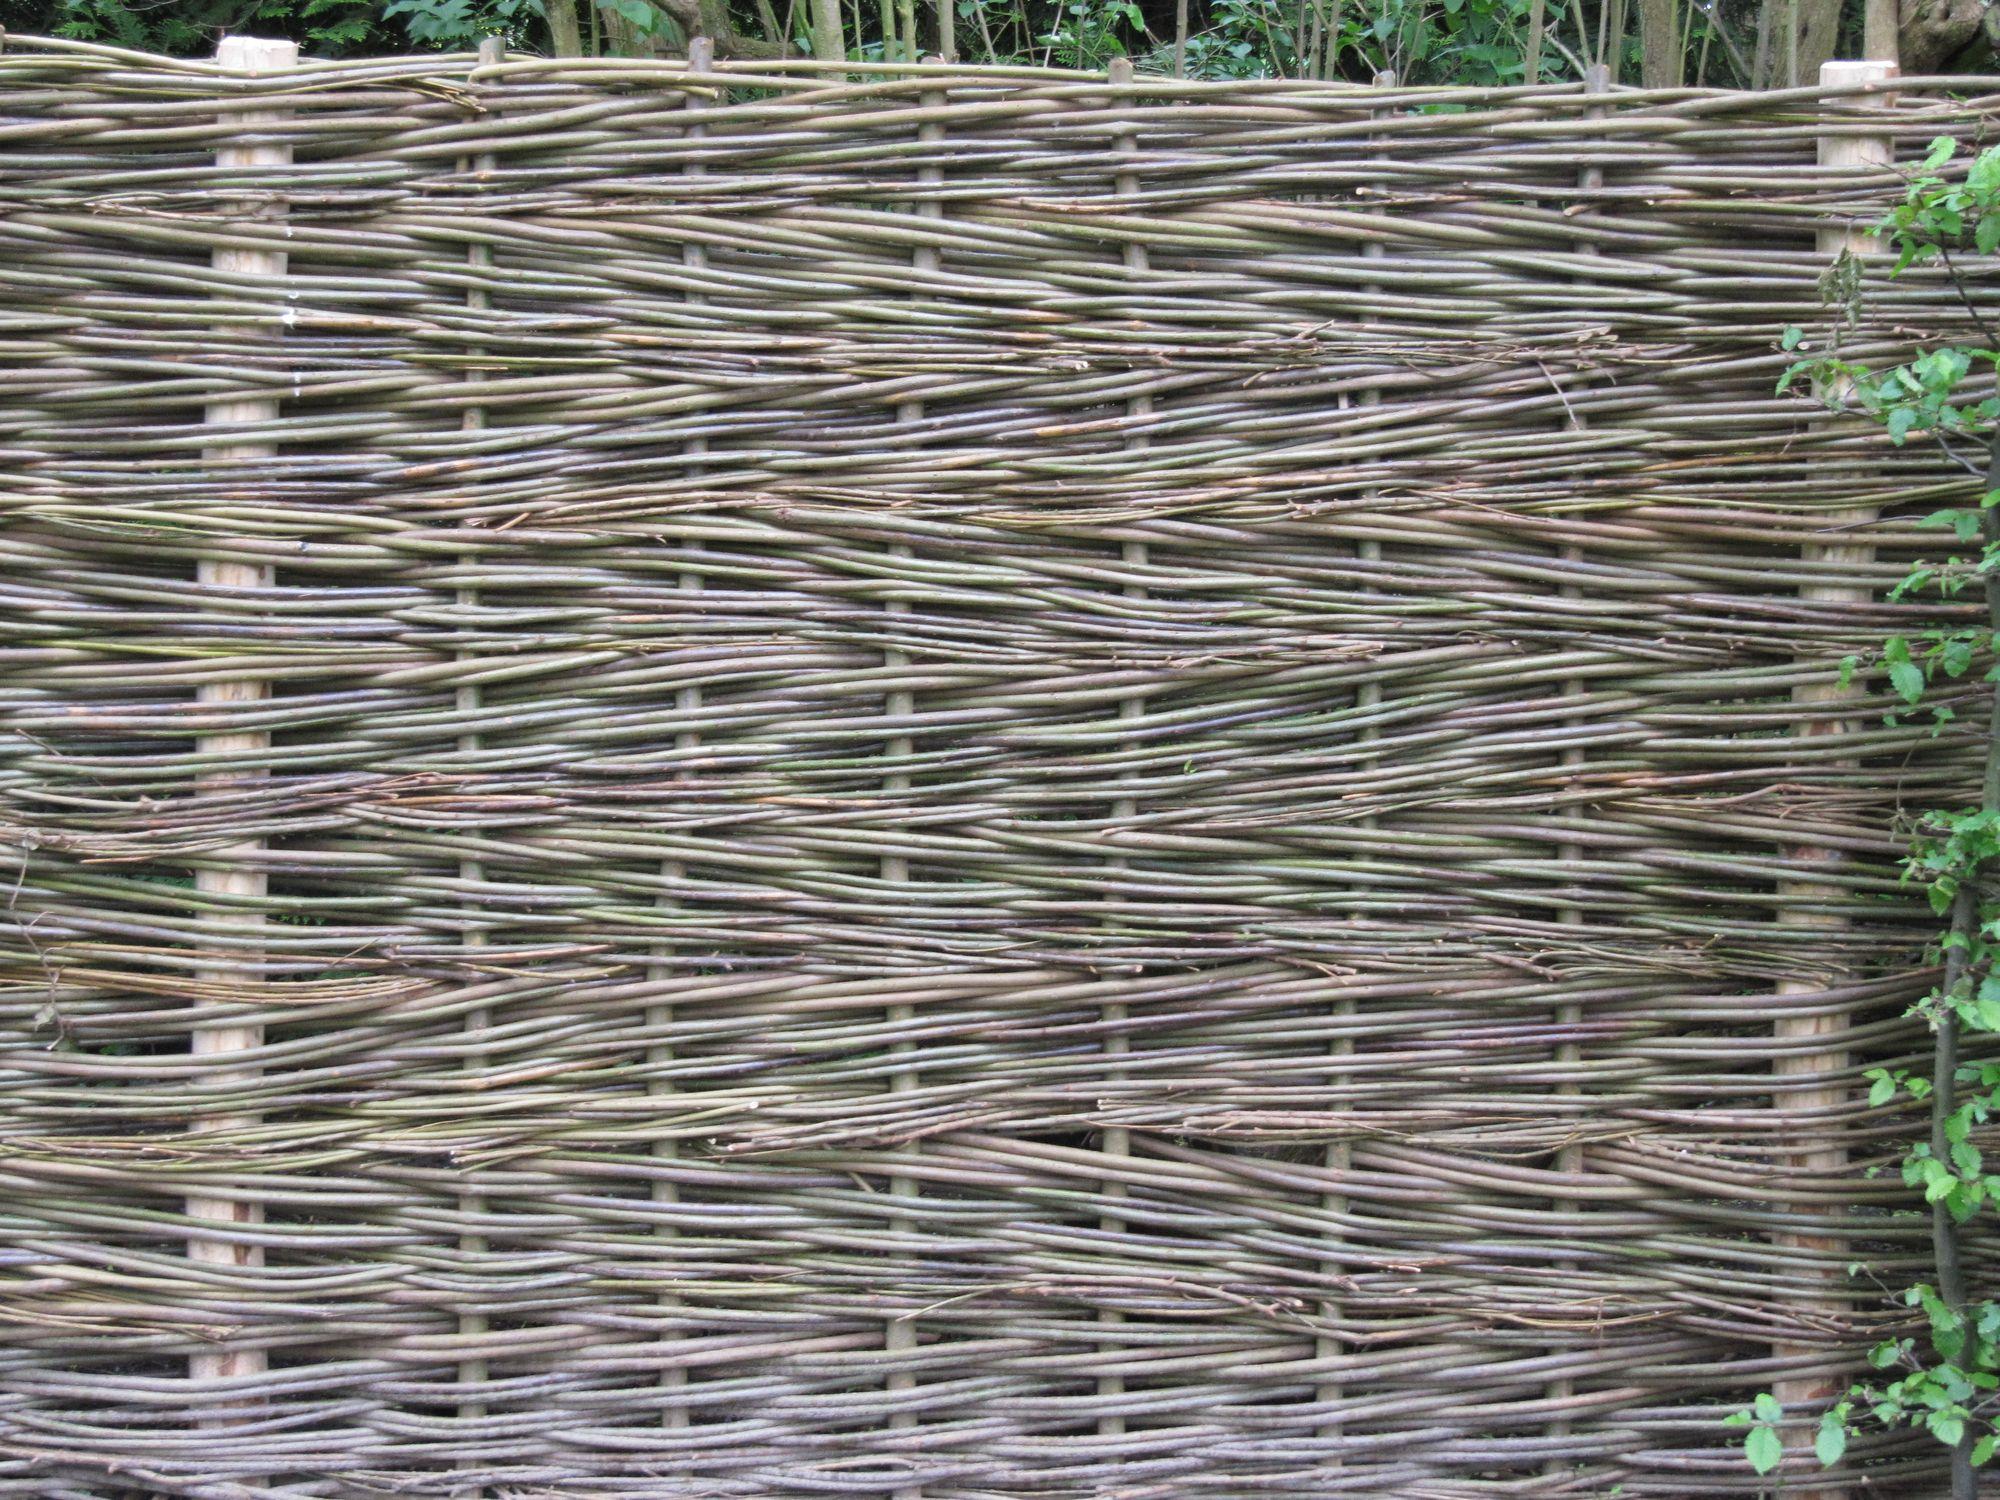 Weidenzaumelement als Alternative zu klassischen Holzzaun- und Zaunelementen Einbau von Sichtschutzelementen aus Weide in Berlin